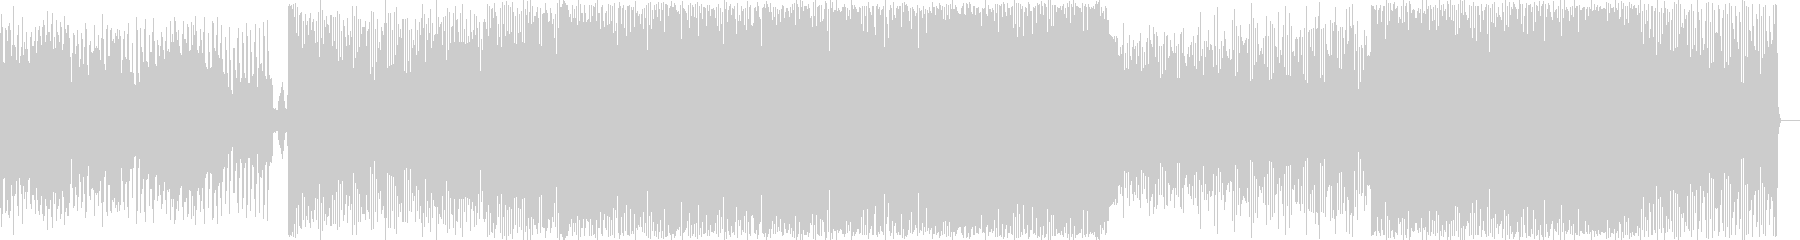 ラストボス、オーケストラ・ハウス系の未再生の波形